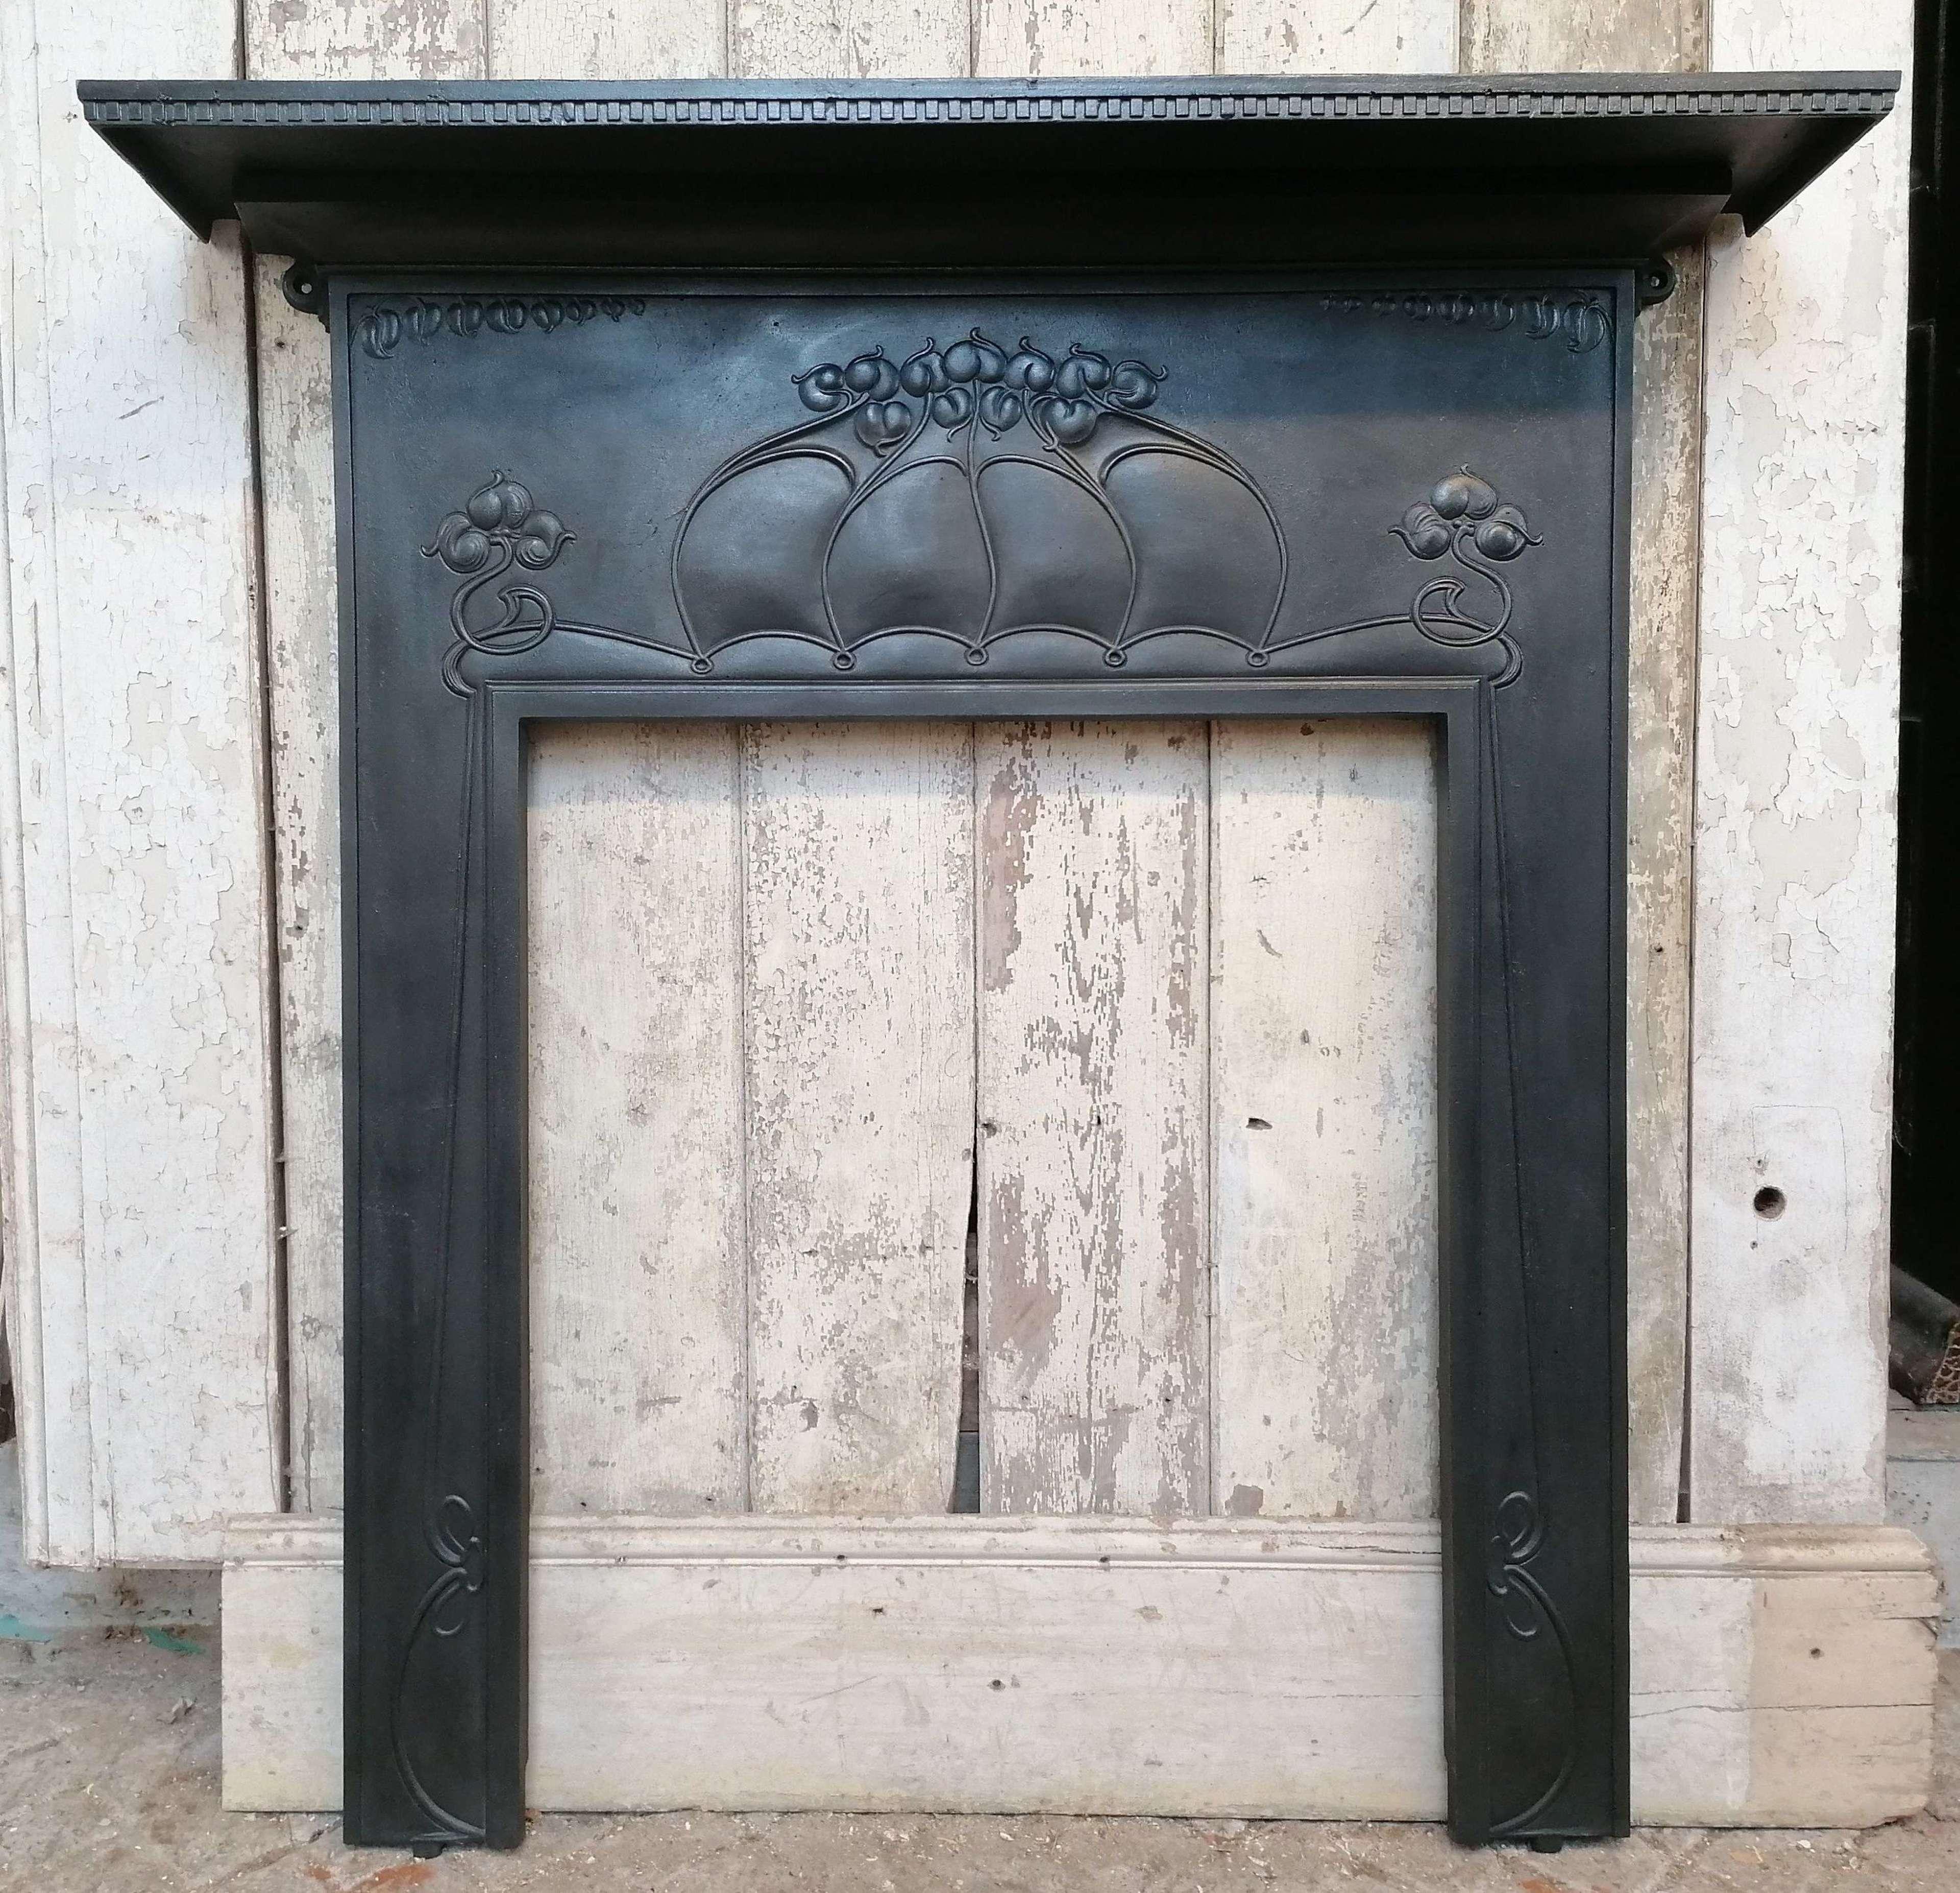 FS0162 A DECORATIVE RECLAIMED ART NOUVEAU CAST IRON FIRE SURROUND